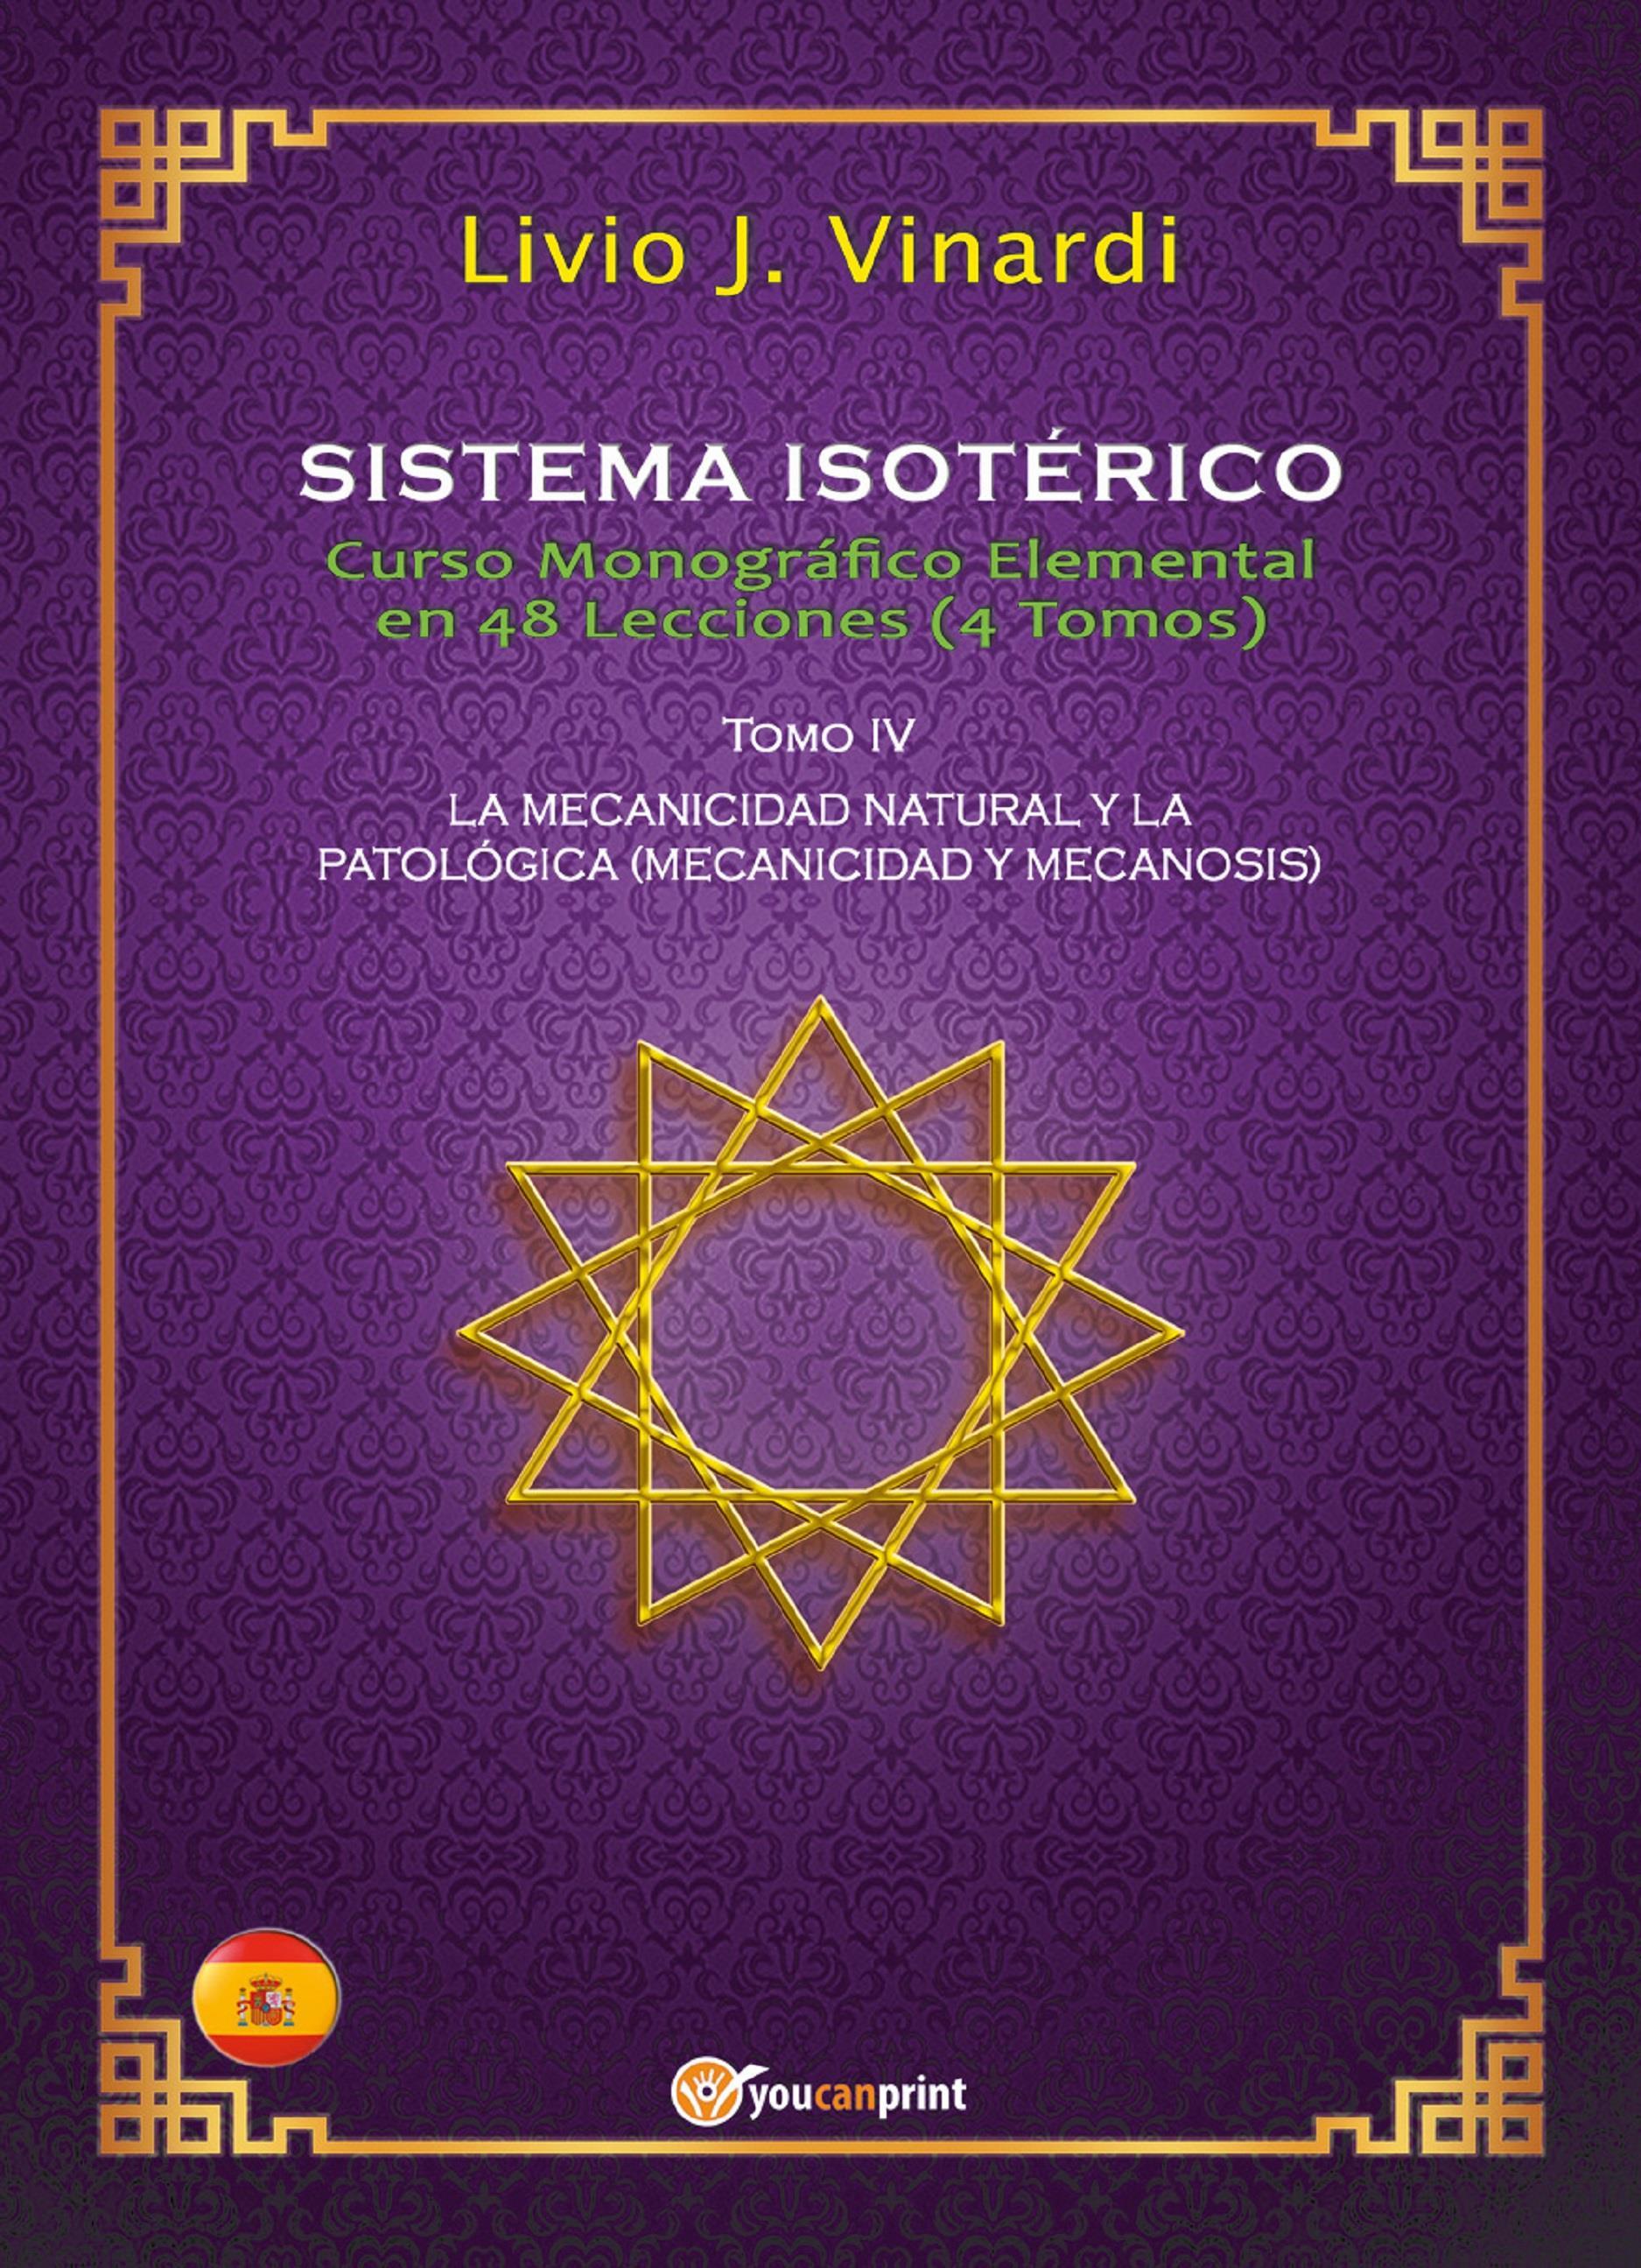 SISTEMA ISOTÉRICO – Curso Monográfico Elemental en 48 Lecciones – Tomo IV (EN ESPAÑOL)